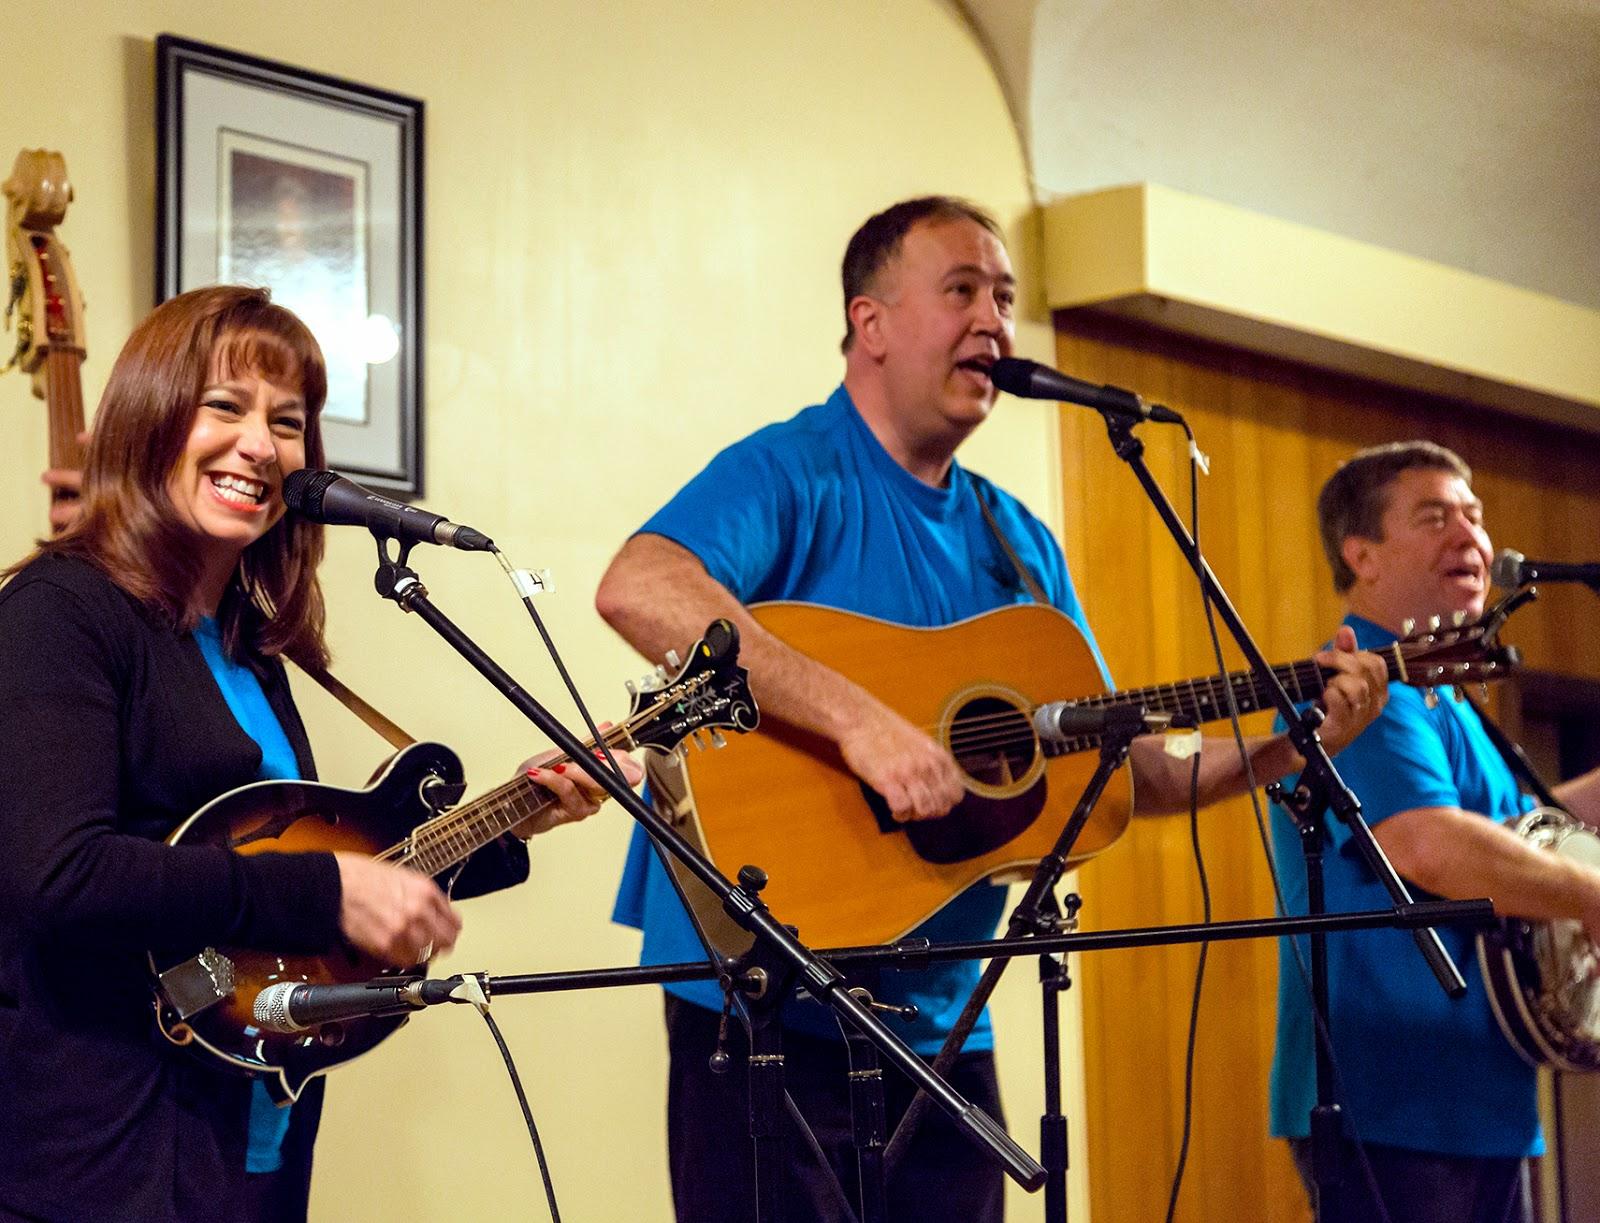 Three bluegrass band musicians